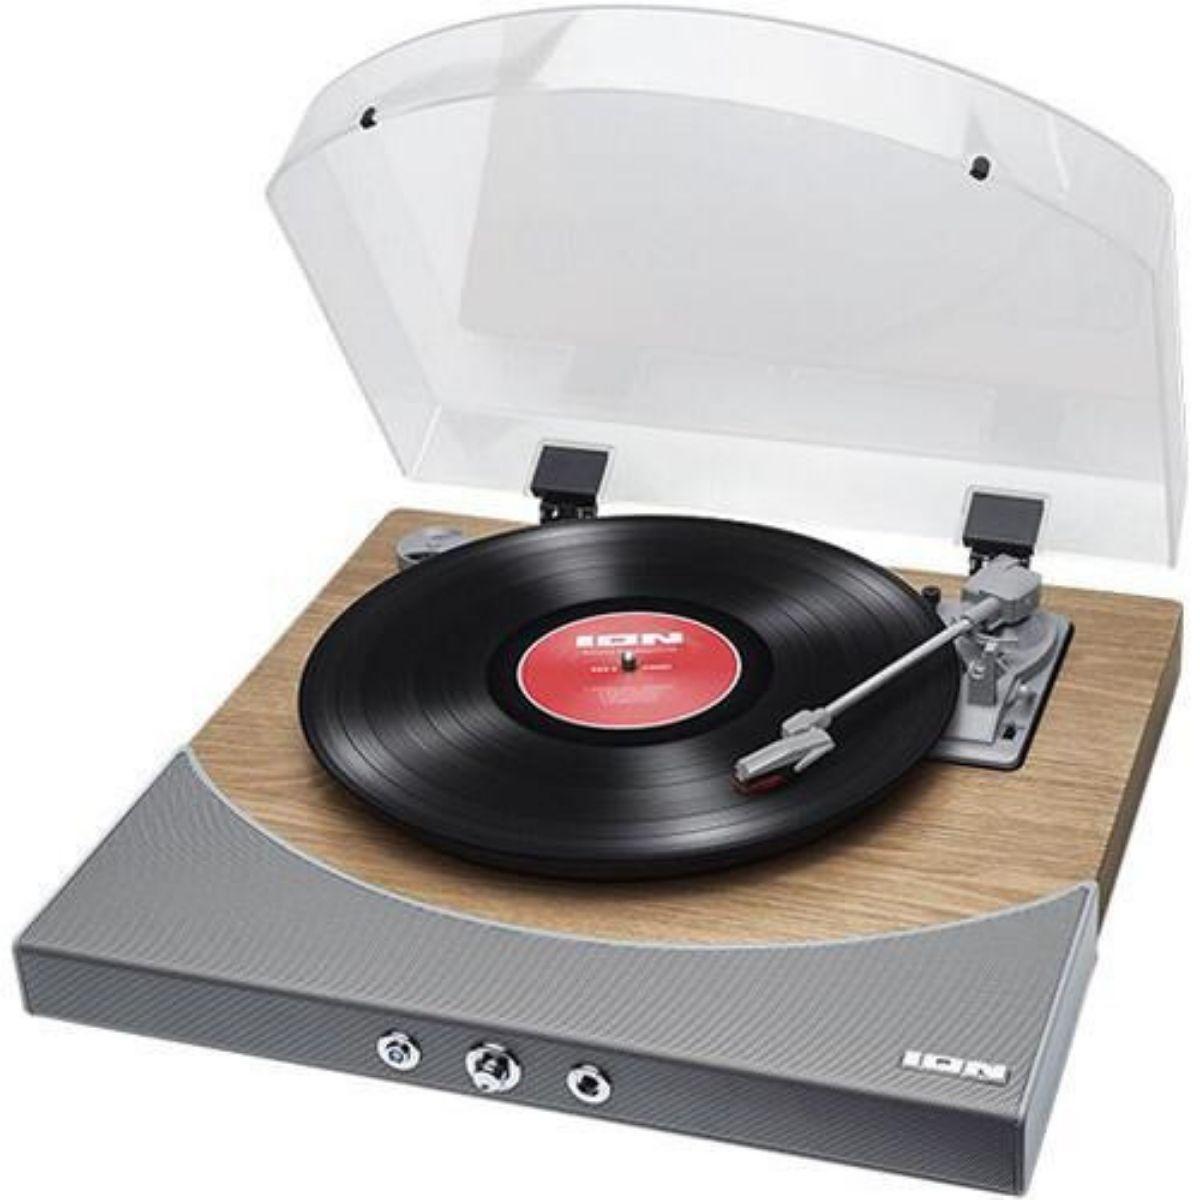 Toca Discos Com Conversor Digital Amplificador Interno Transmissor Áudio Sem Fio Bluetooth - Premierlp ION